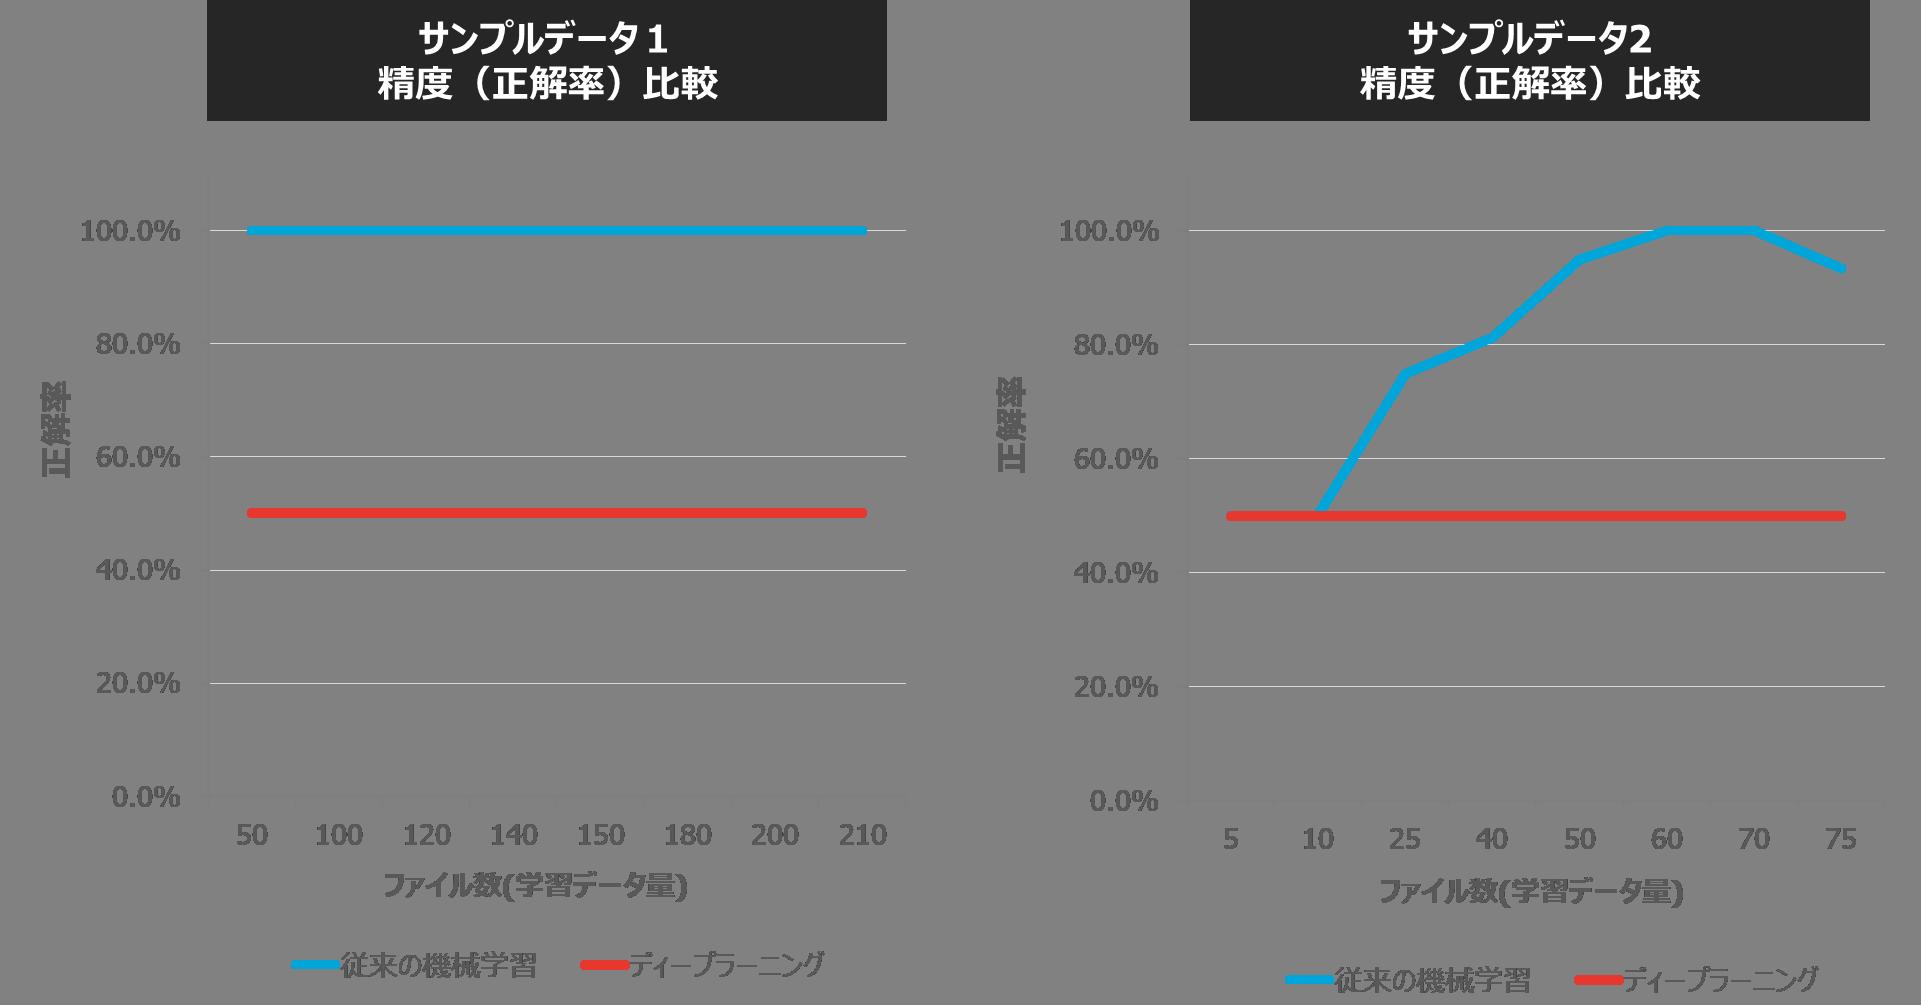 従来の機械学習とディープラーニングの精度(正解率)比較_1